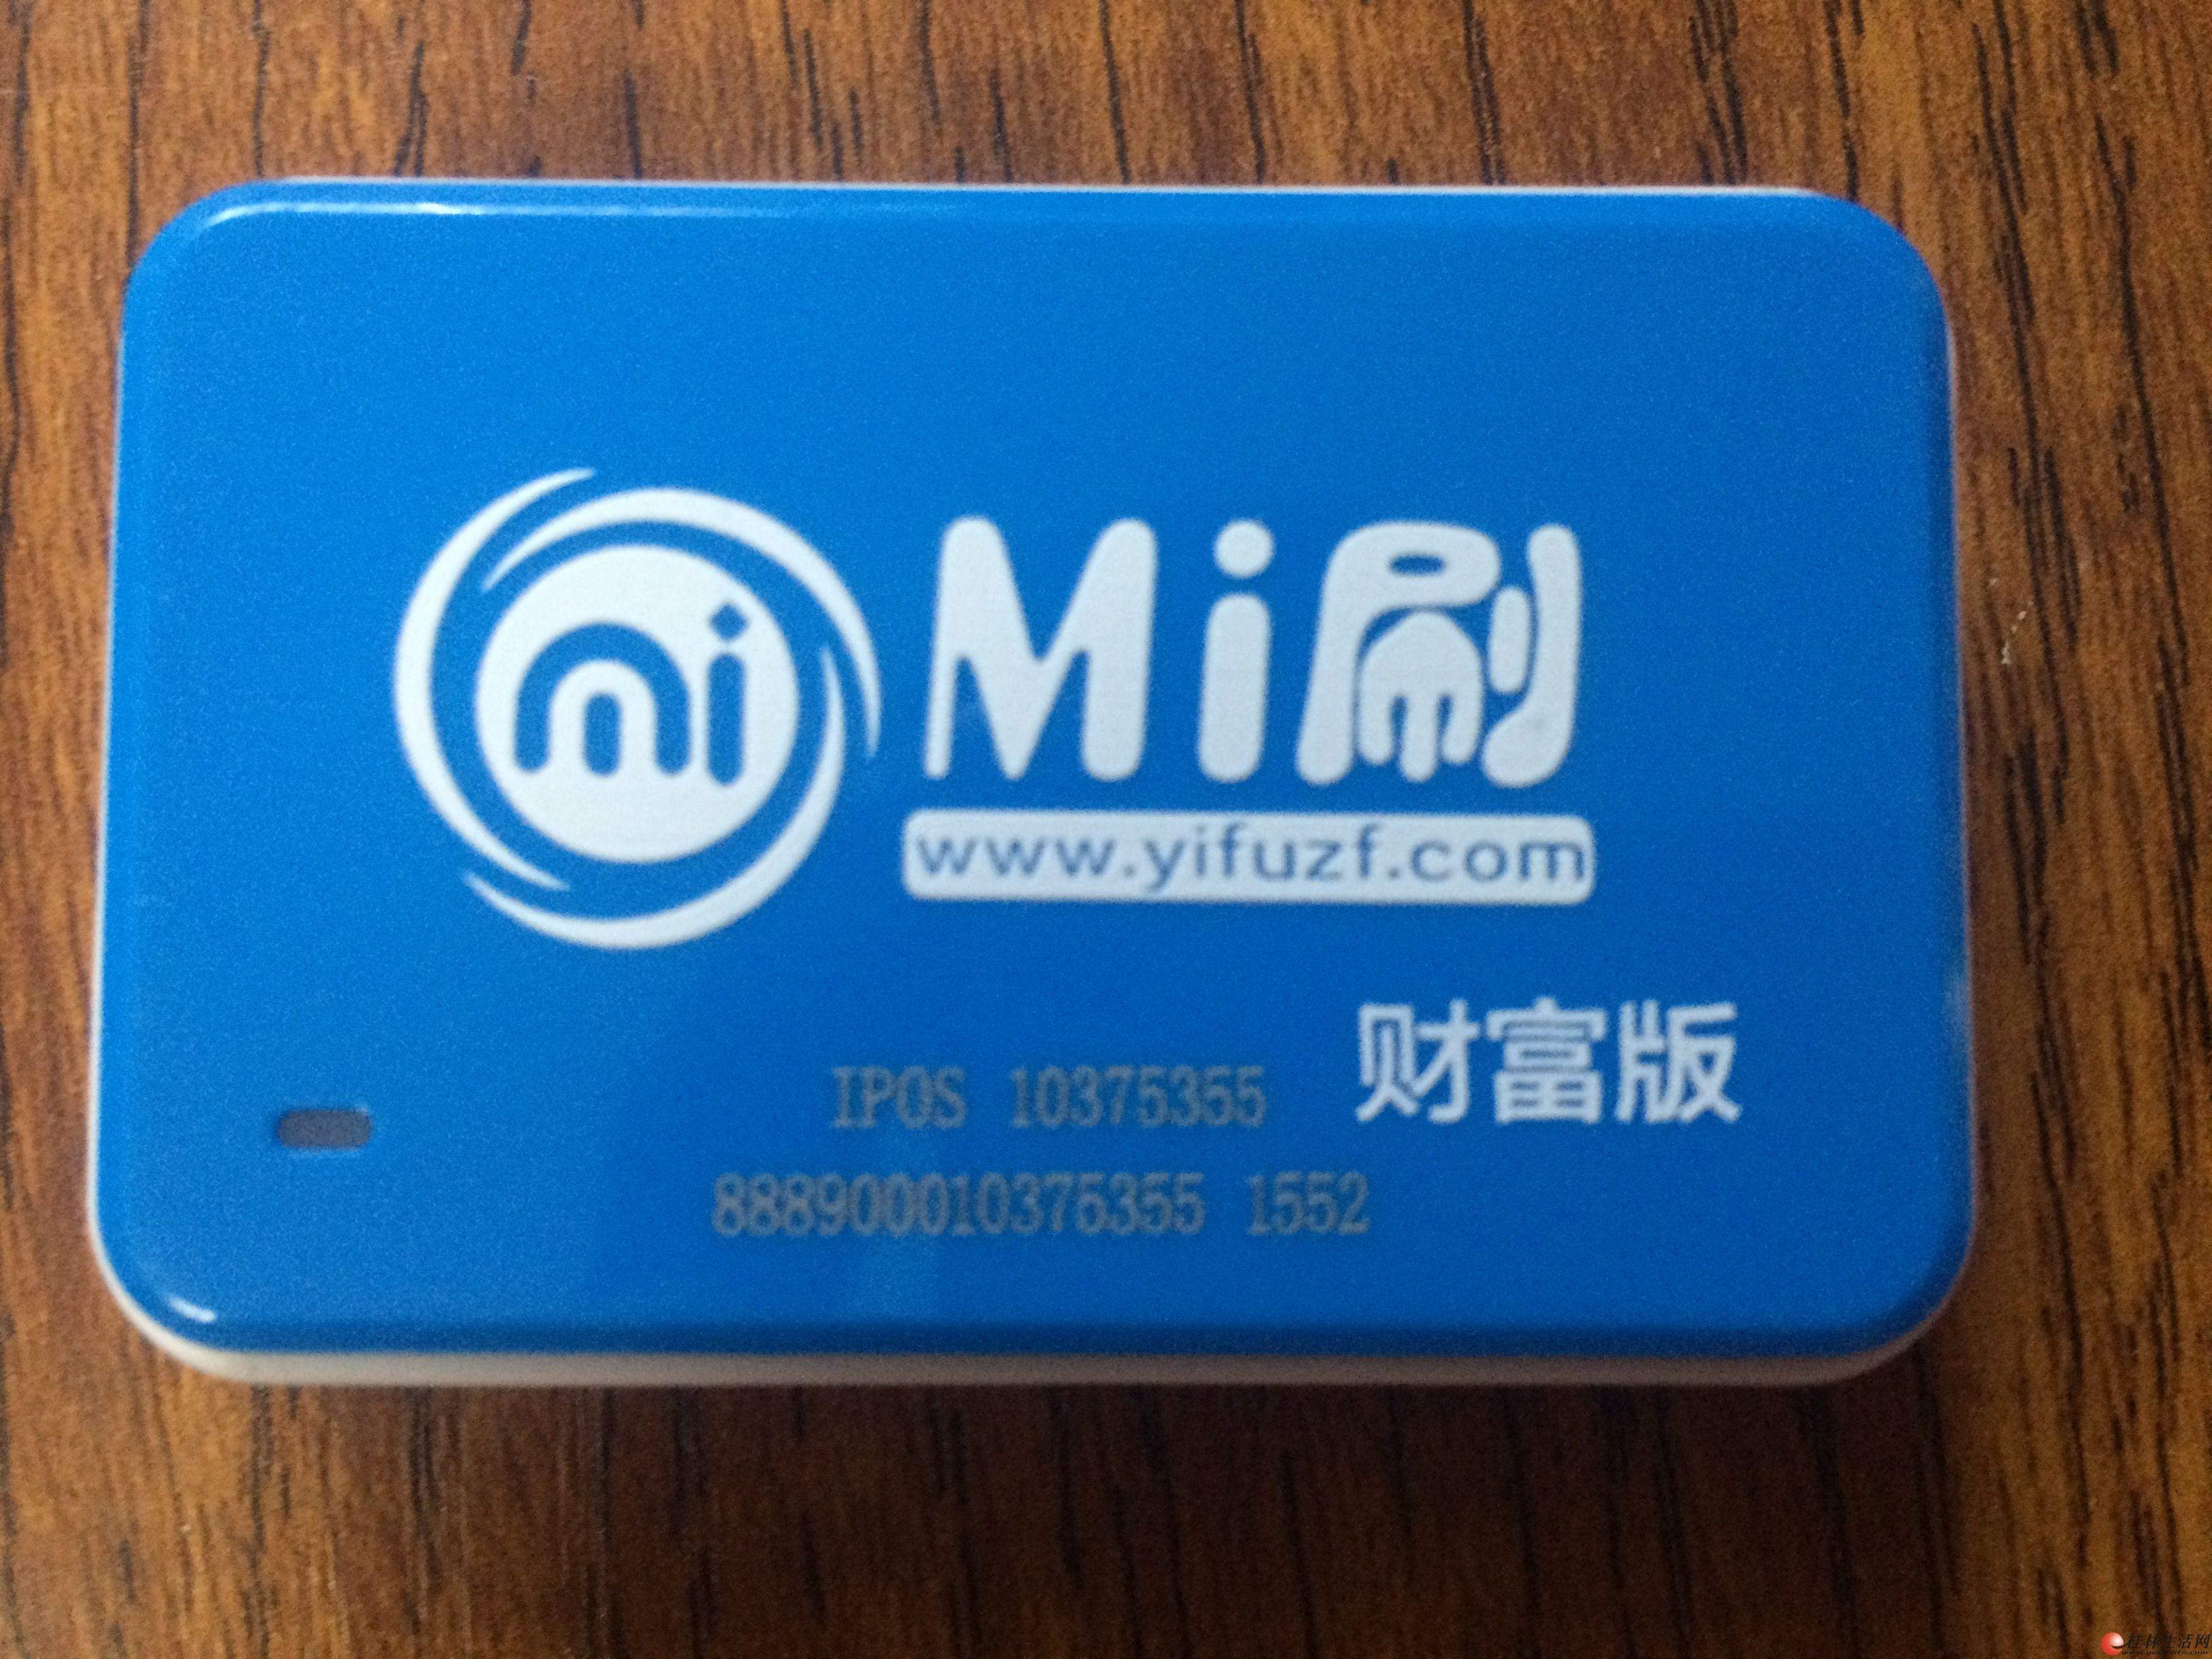 刷卡机POS机免费送,能刷自己信用卡,从此套现还卡缺钱不求人,桂林逸洋商